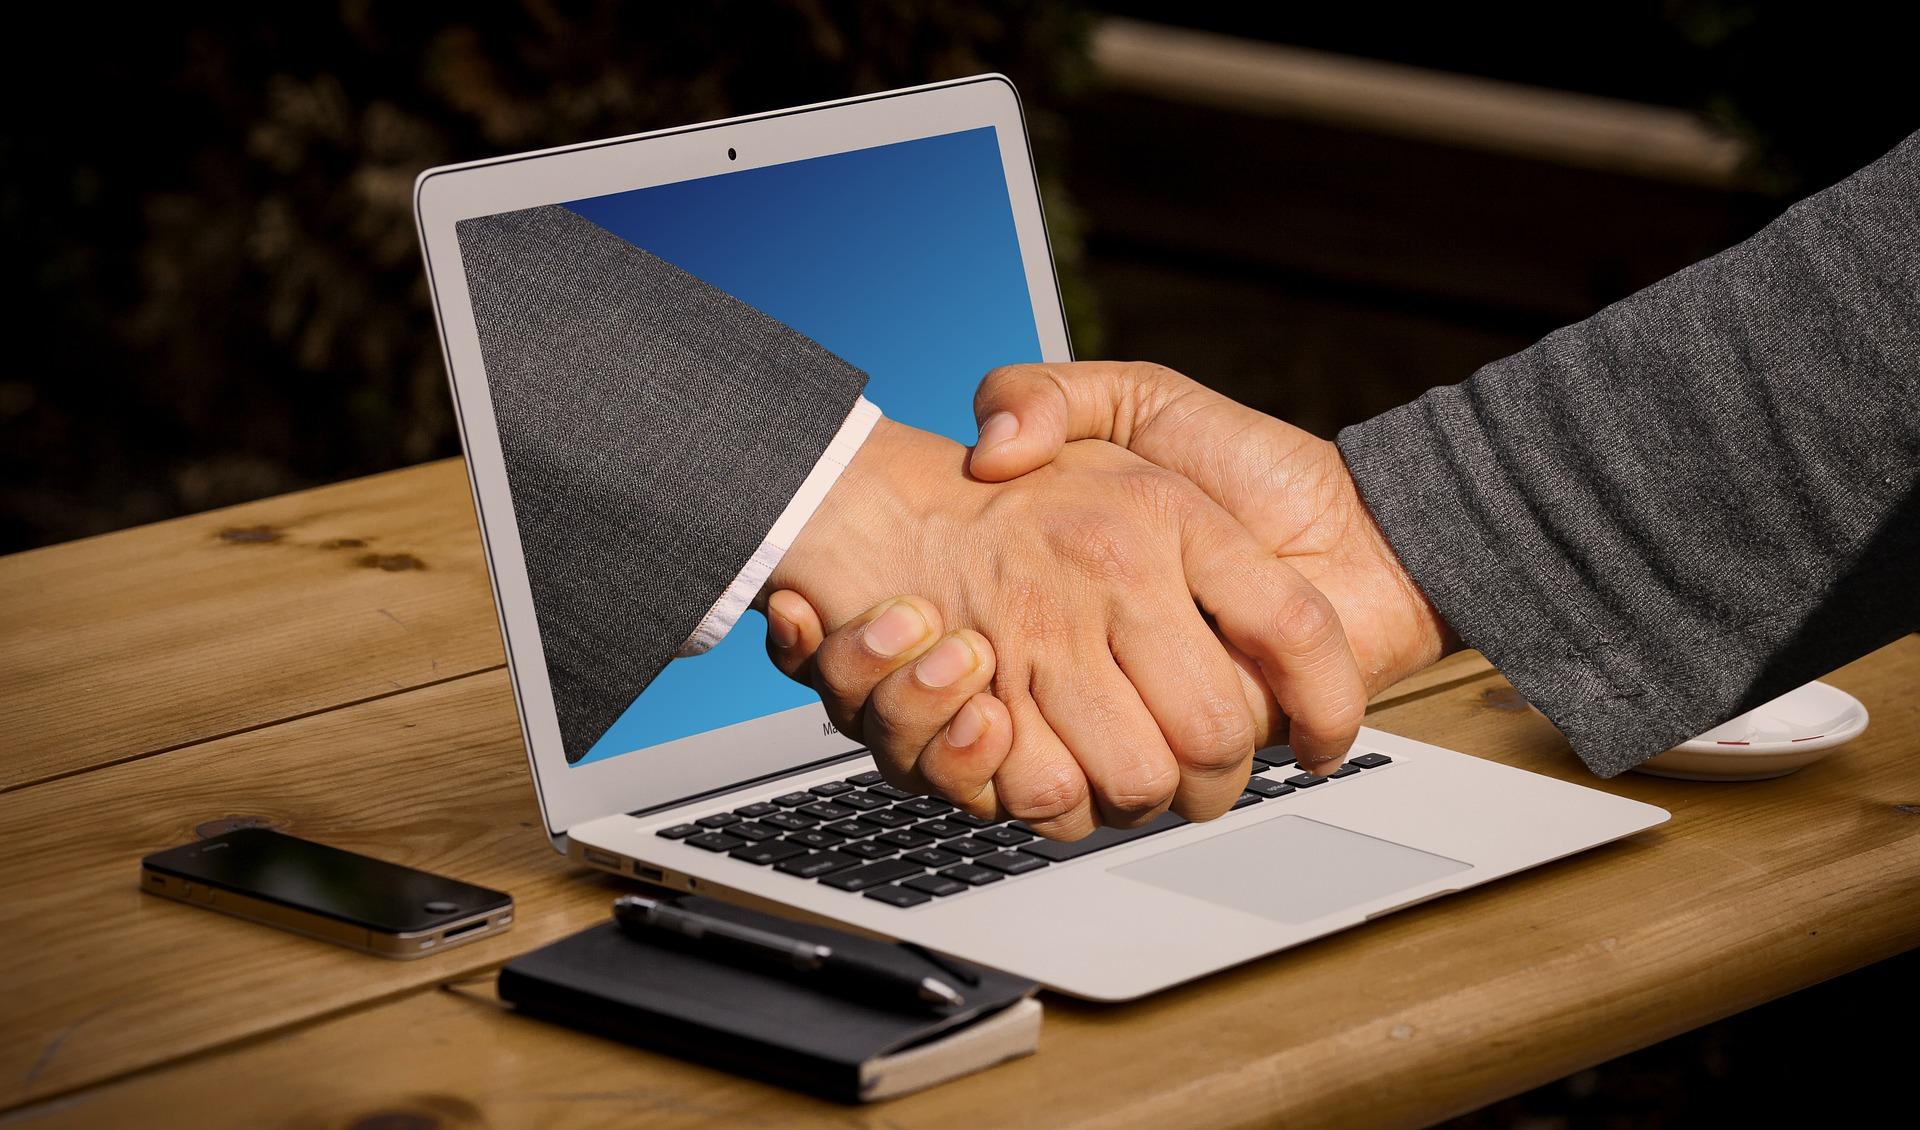 заявка на кредит для бизнеса промсвязьбанк кредит банк спб отзывы